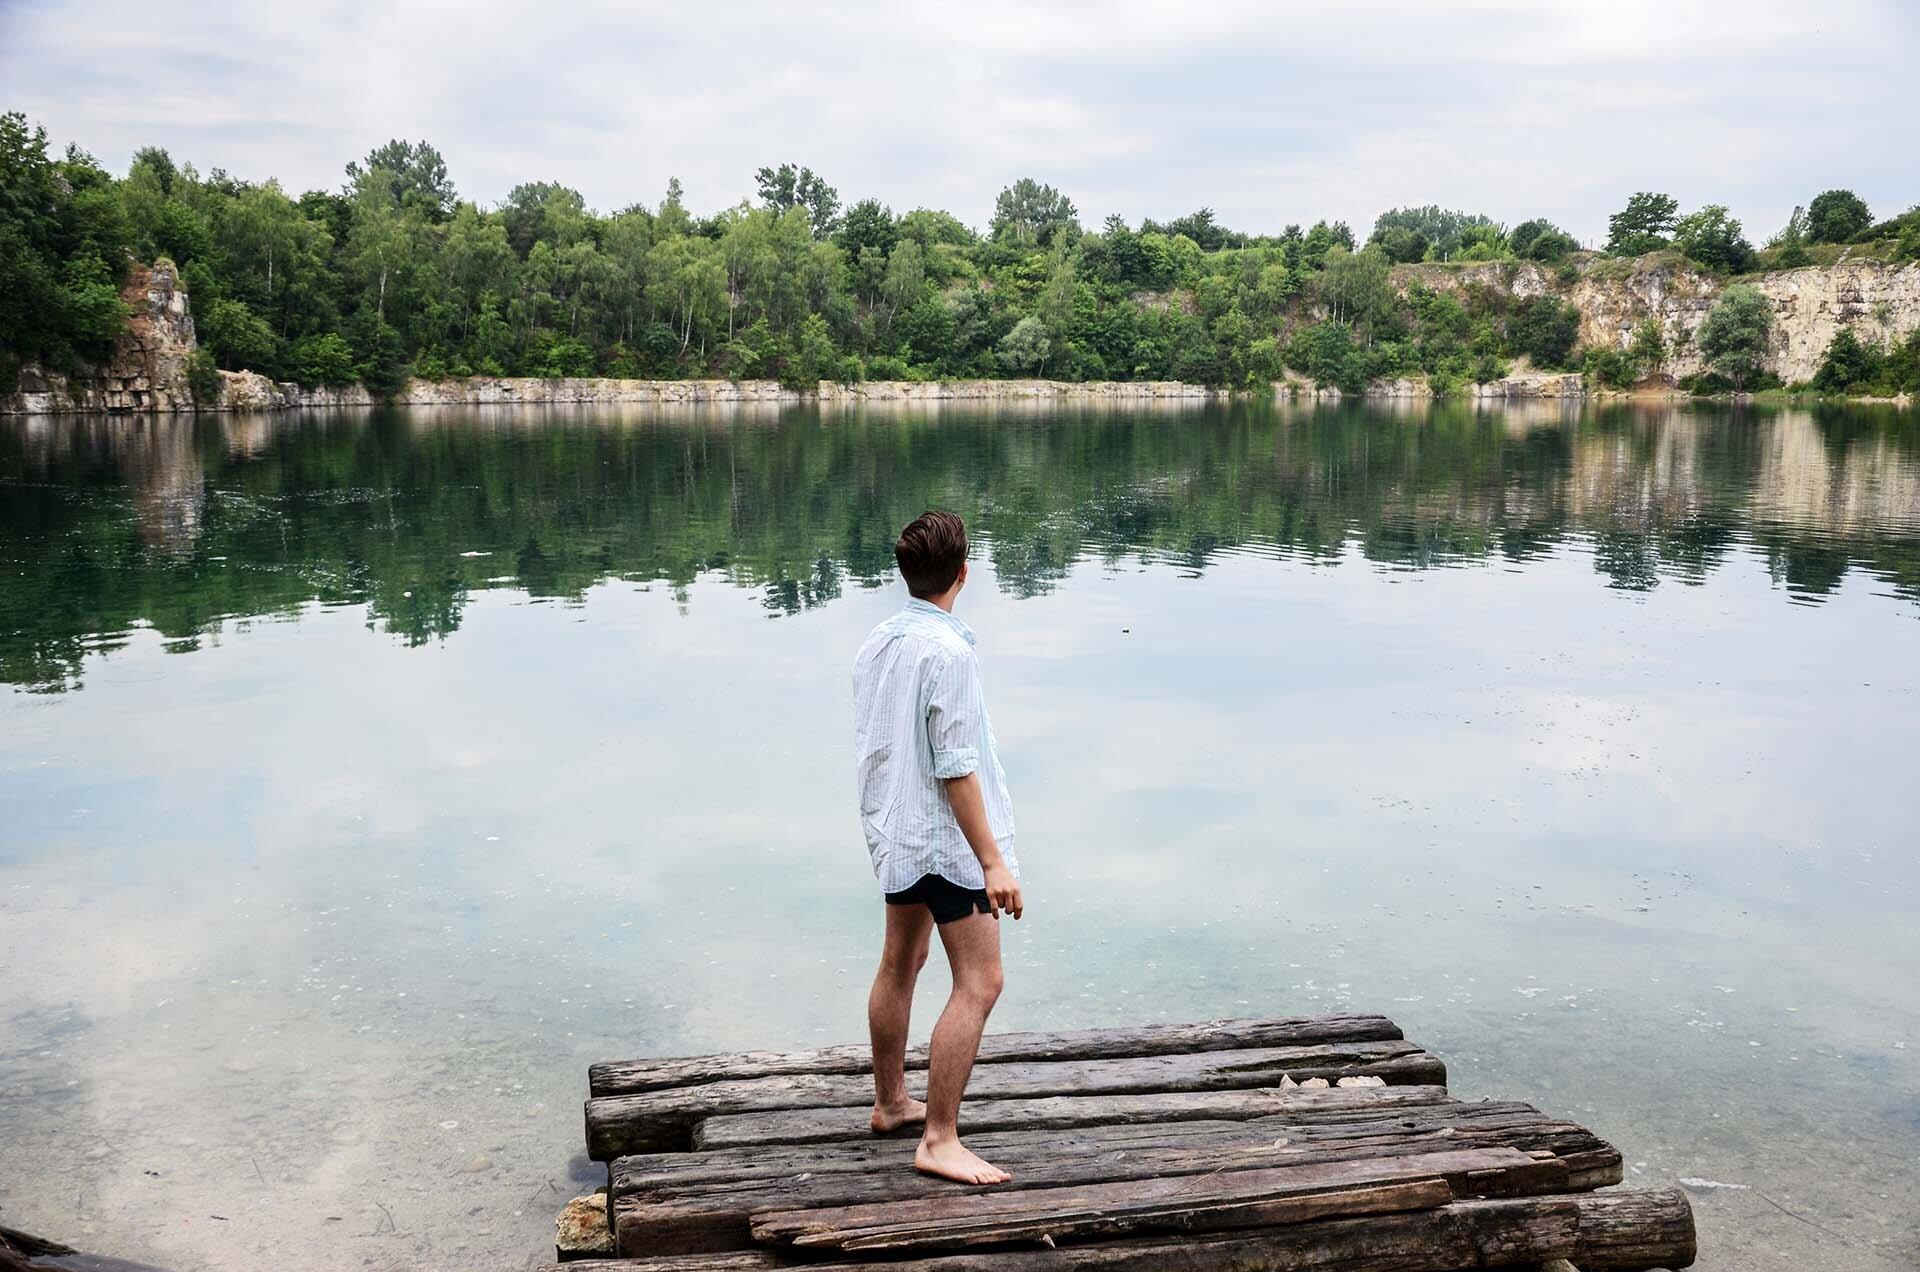 GMALE by Grzegorz Paliś, blog o modzie męskiej, Co ubrać na plaże? Mężczyzna na plaży, Kraków, Zakrzówek